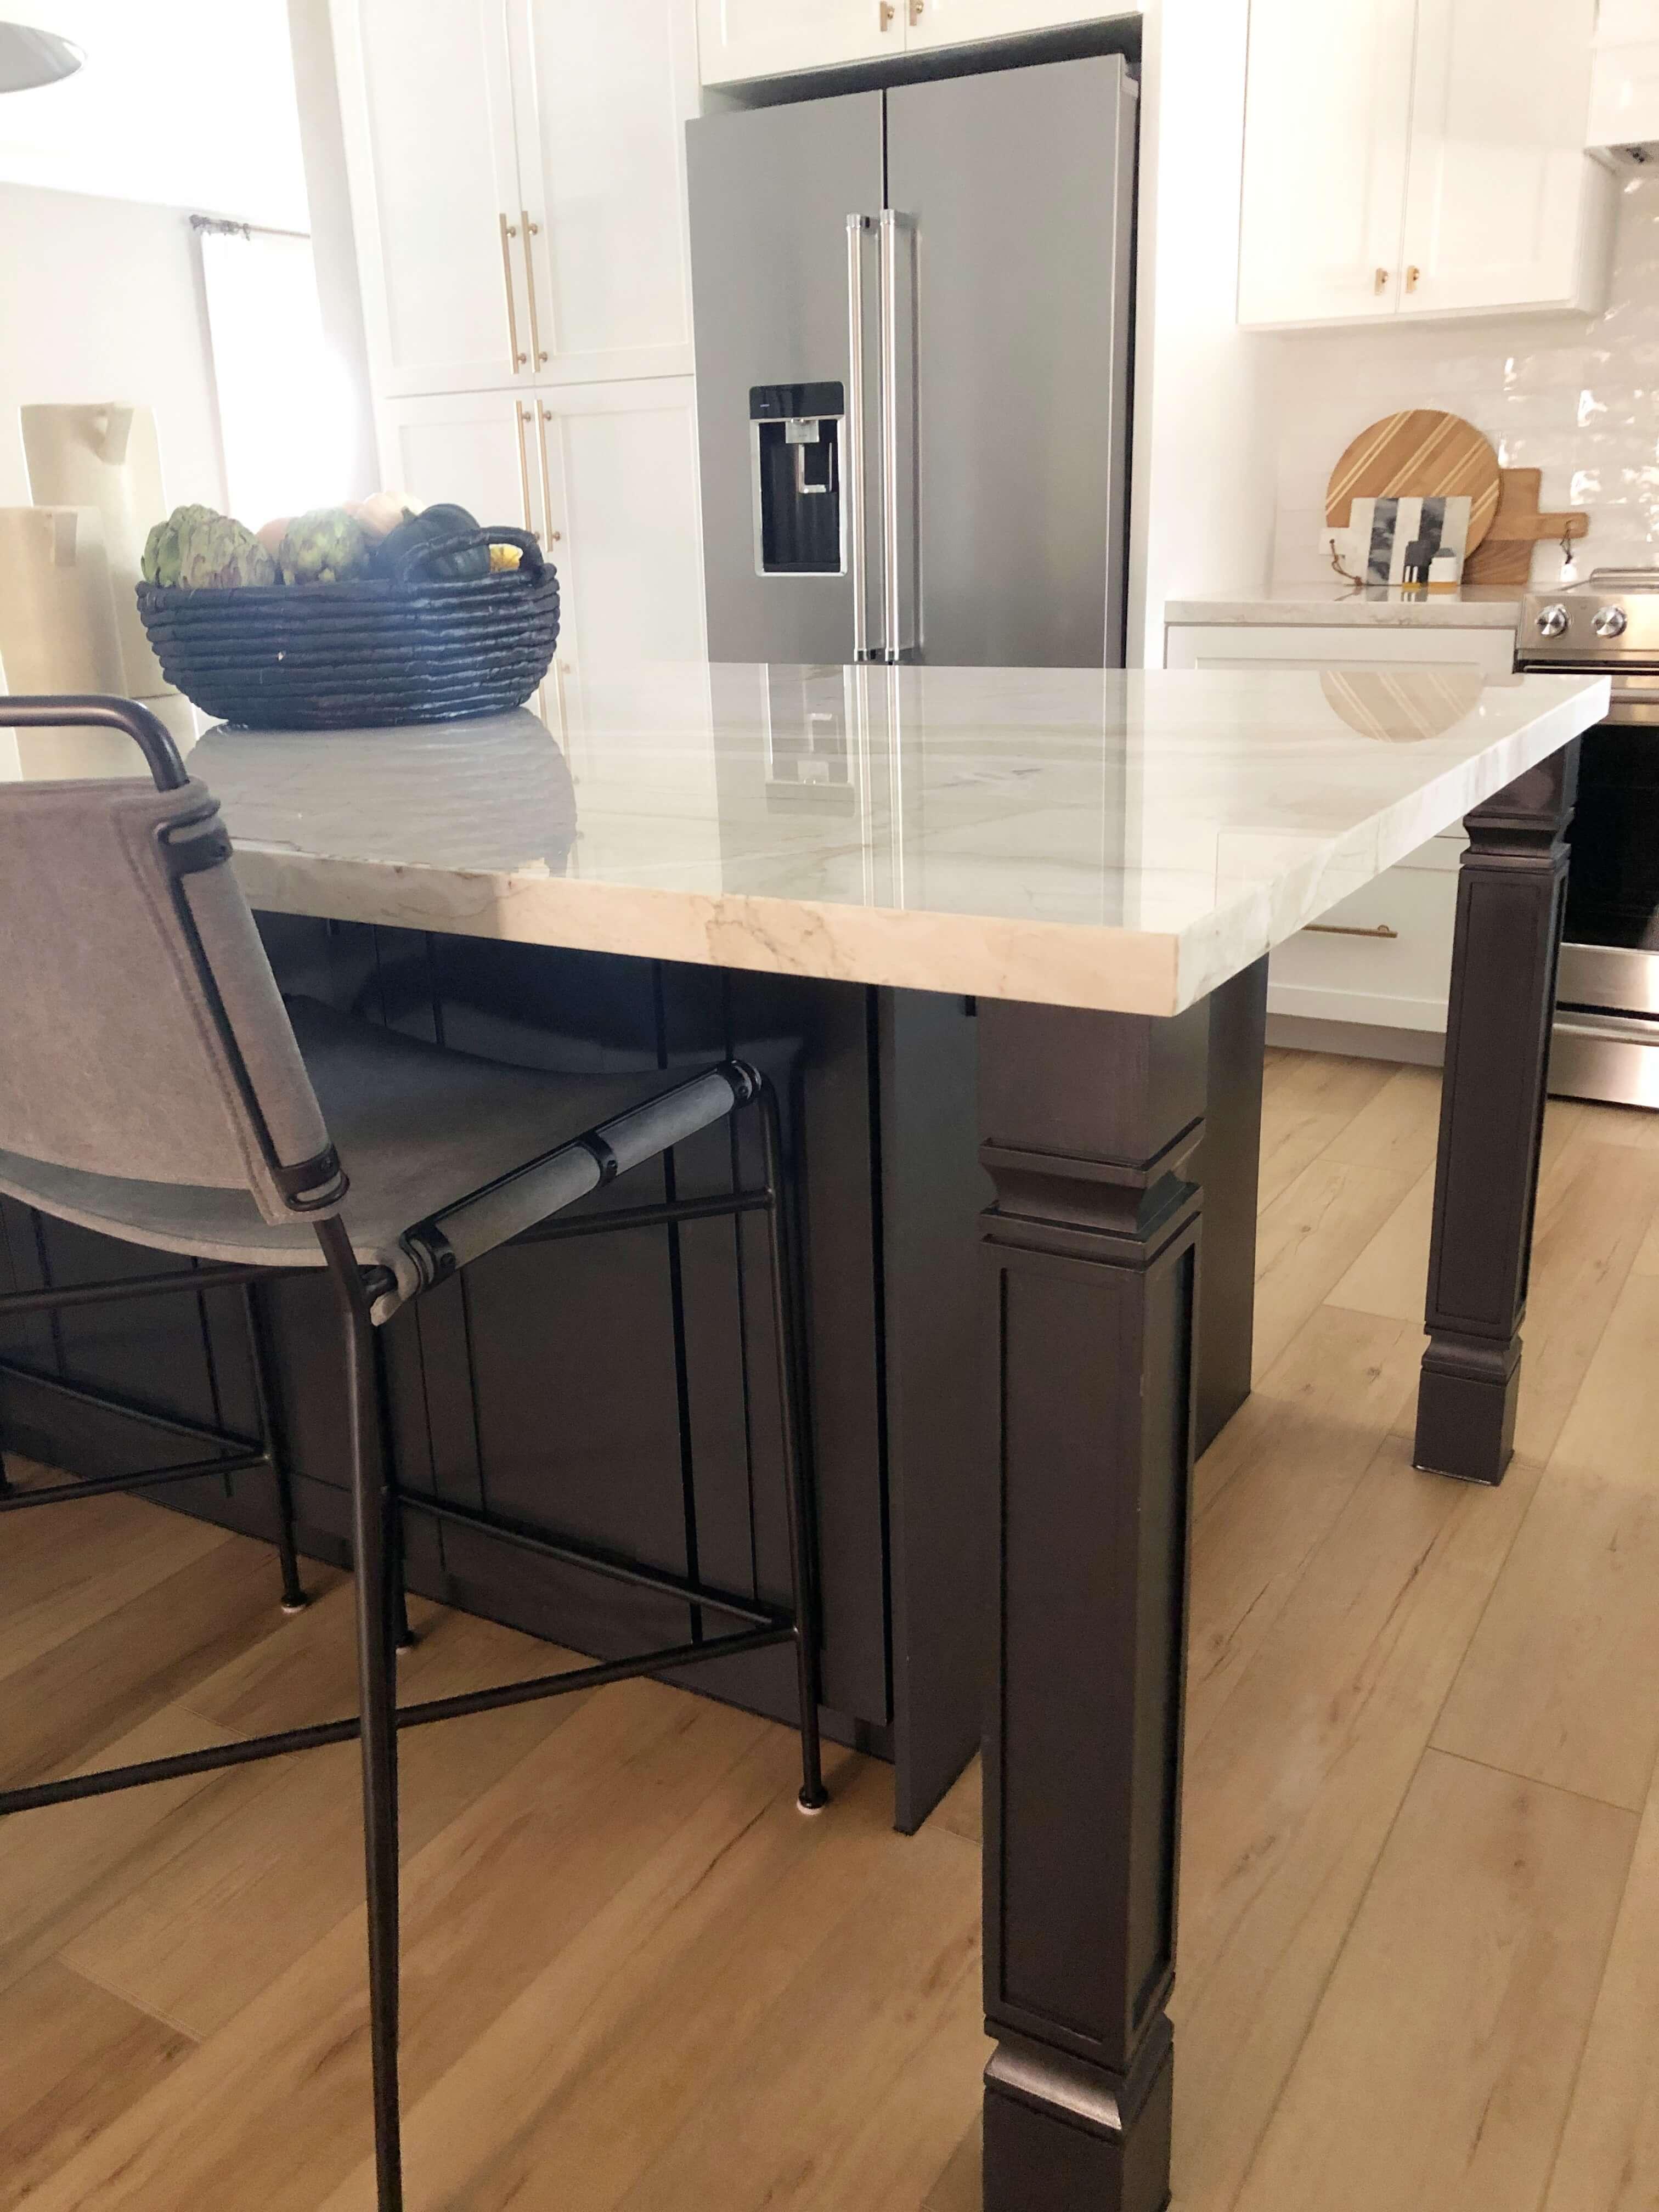 kitchen interior design services - Plantation, FL